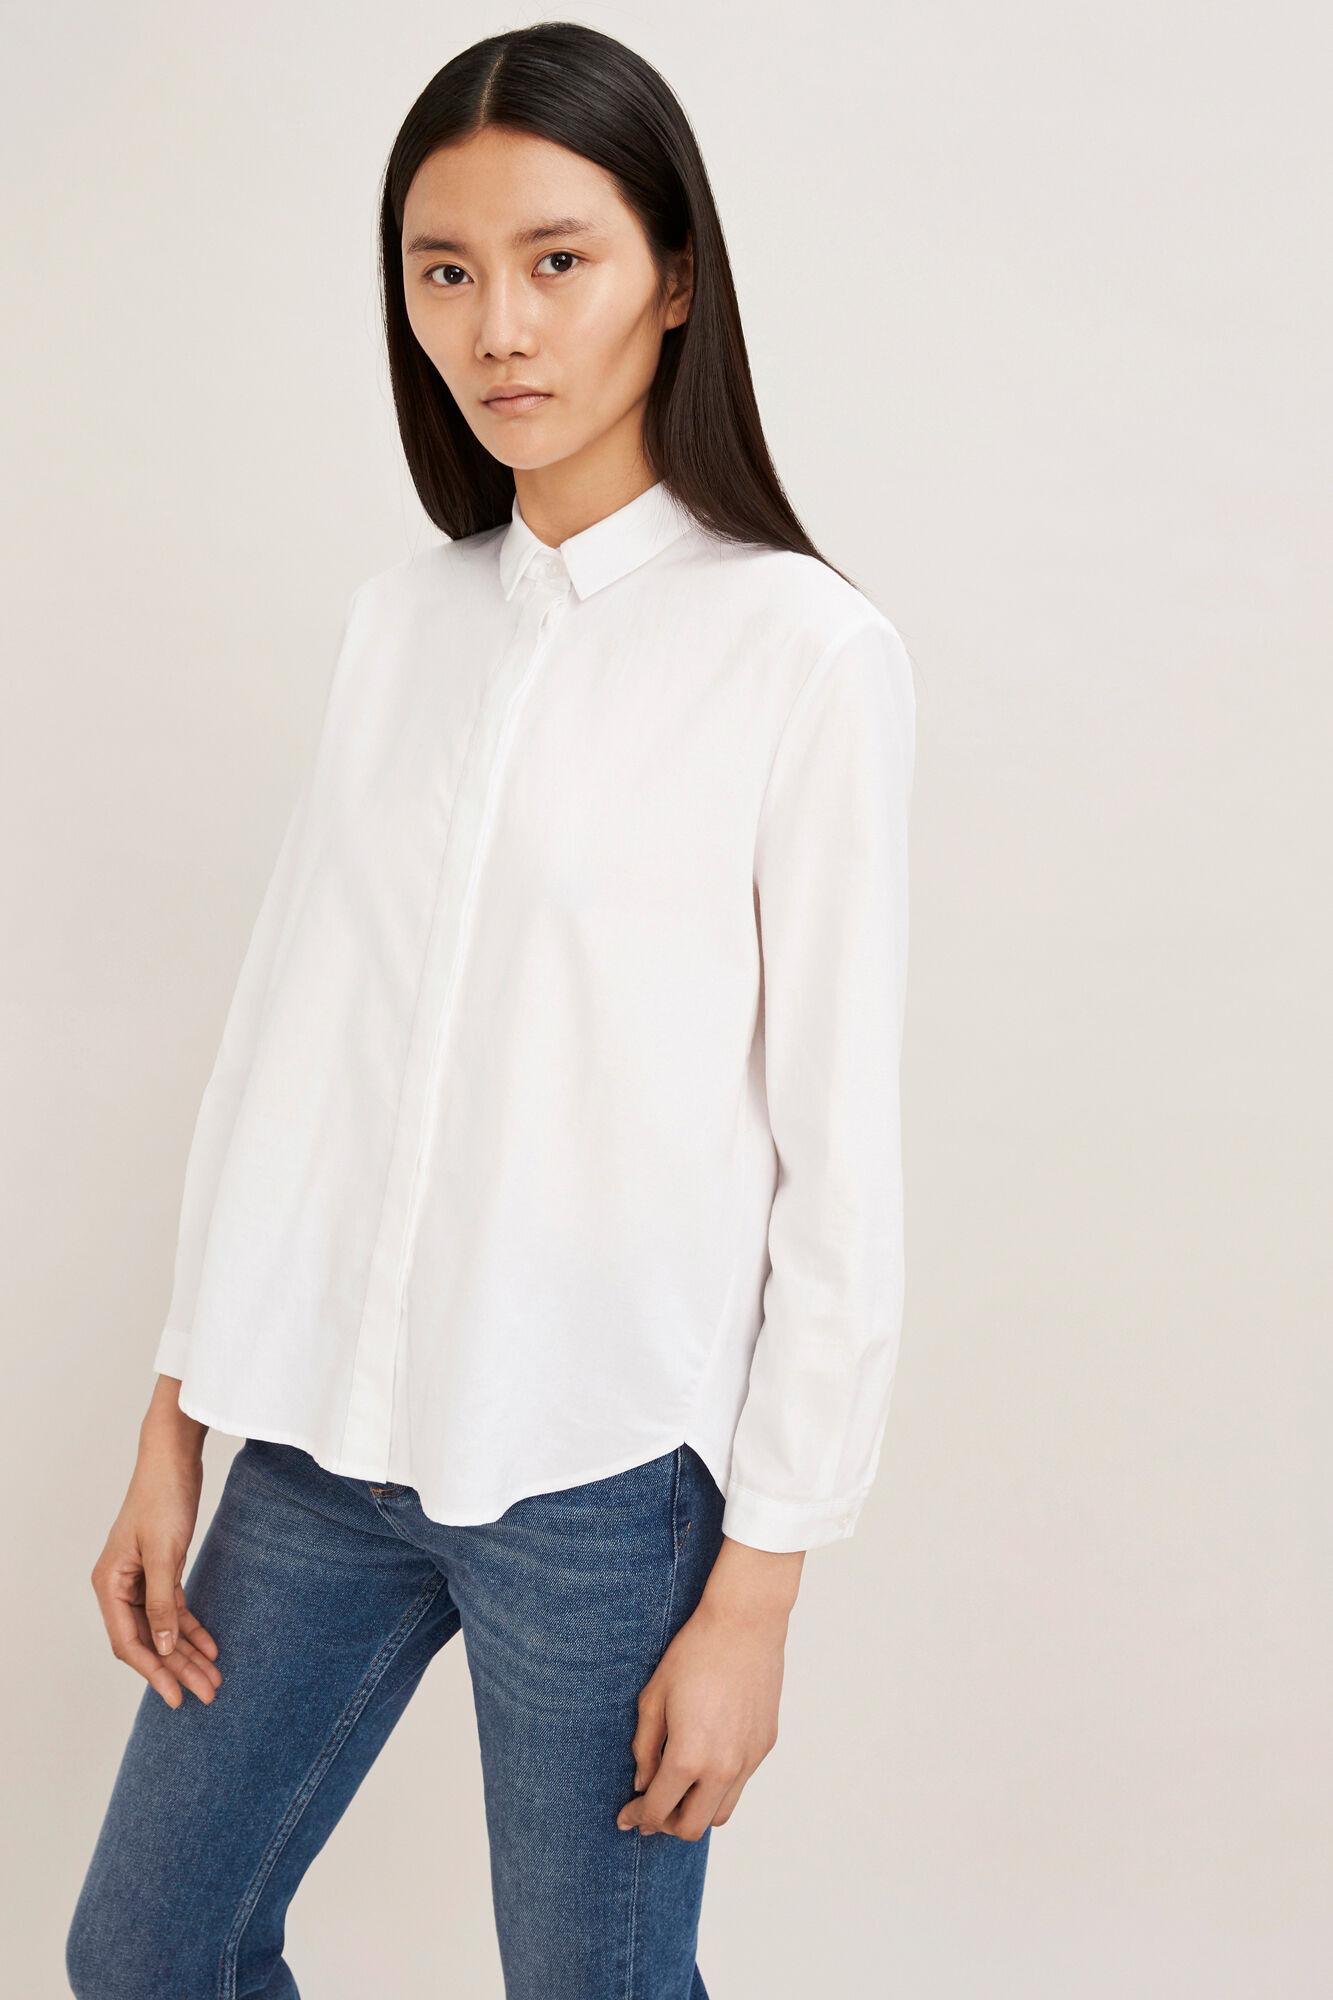 Annia shirt 7729